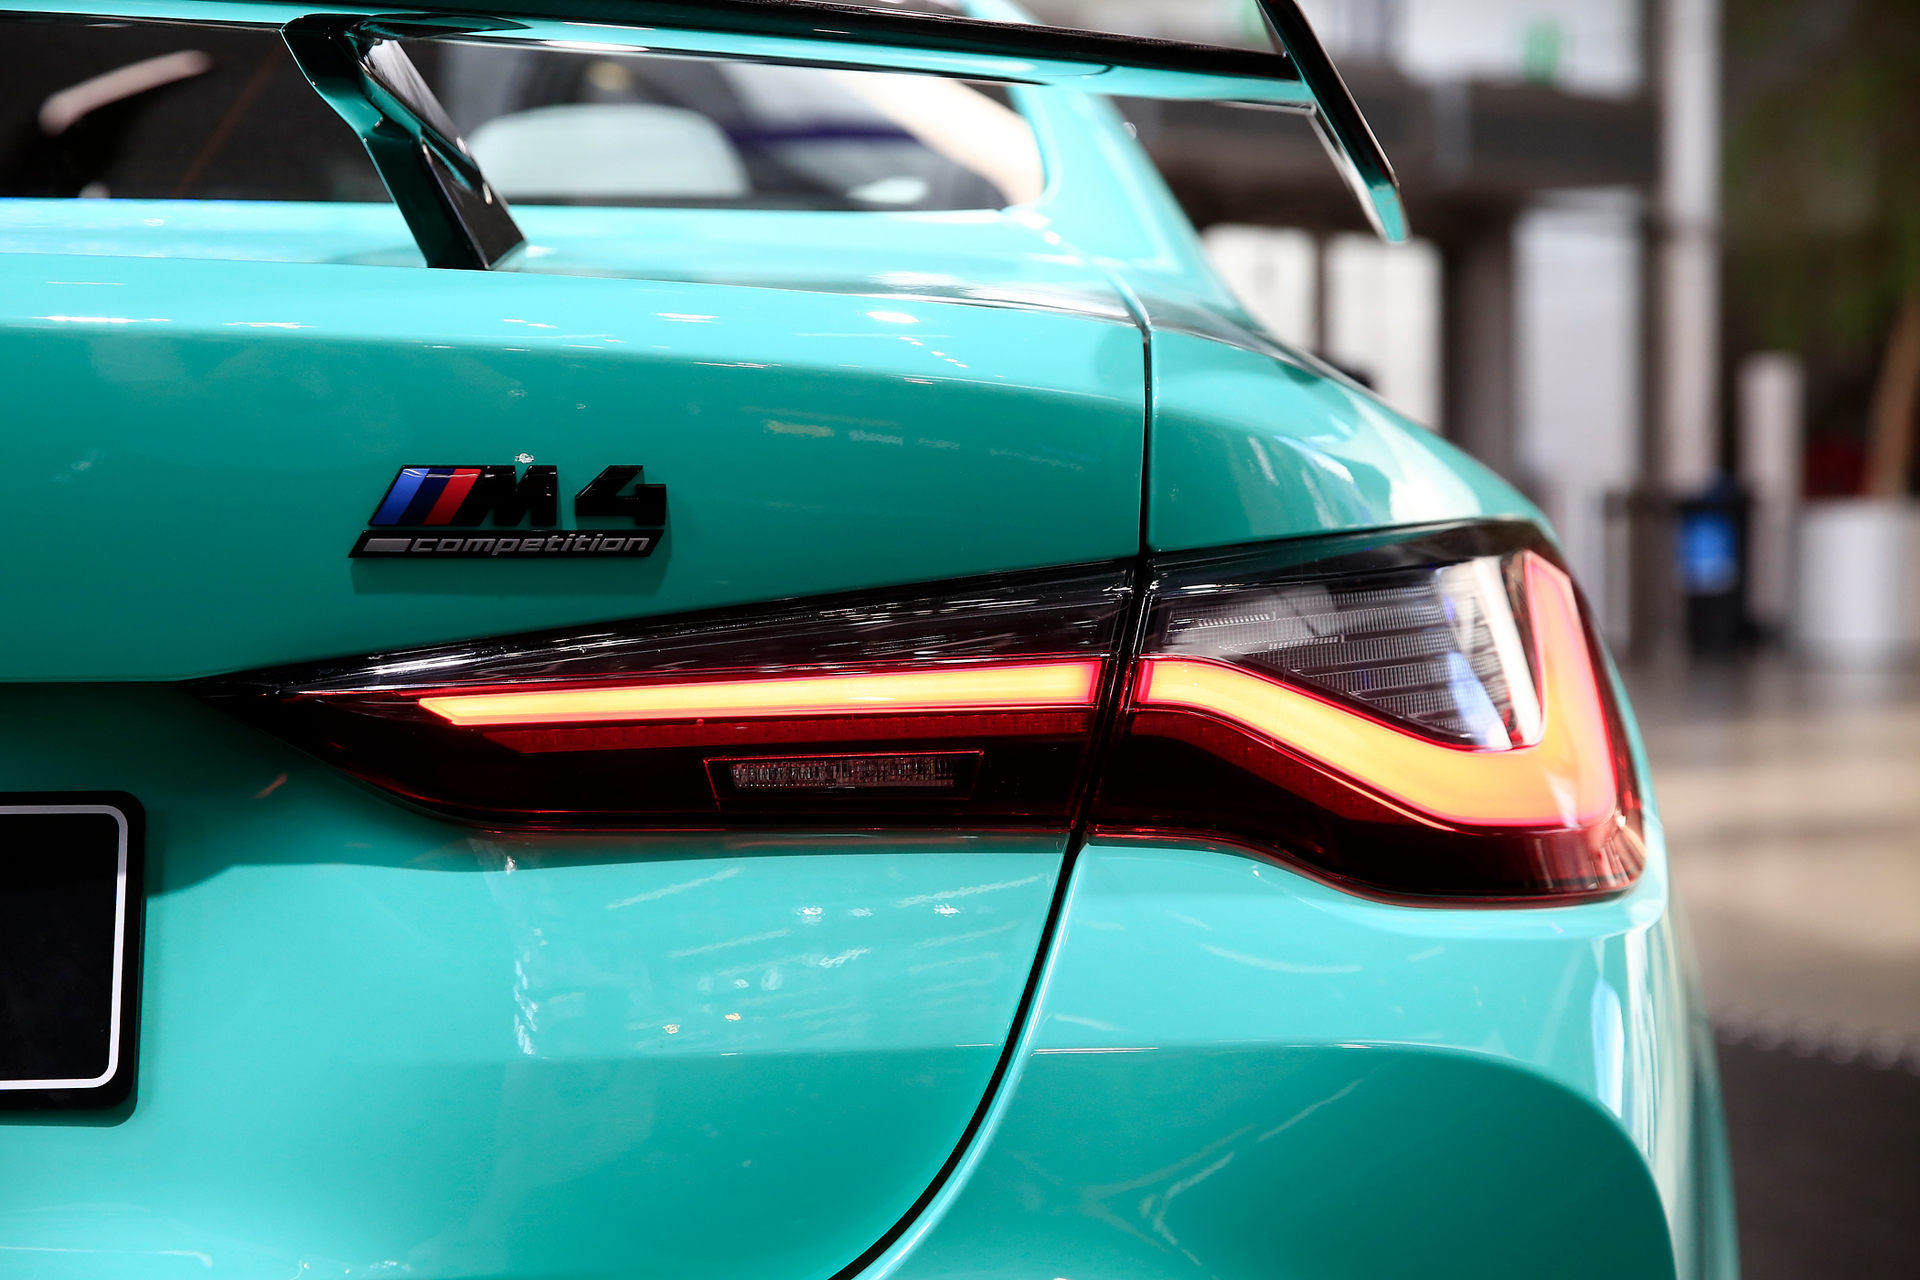 بي إم دبليو BMW M4 Competition الأضواء الخلفية